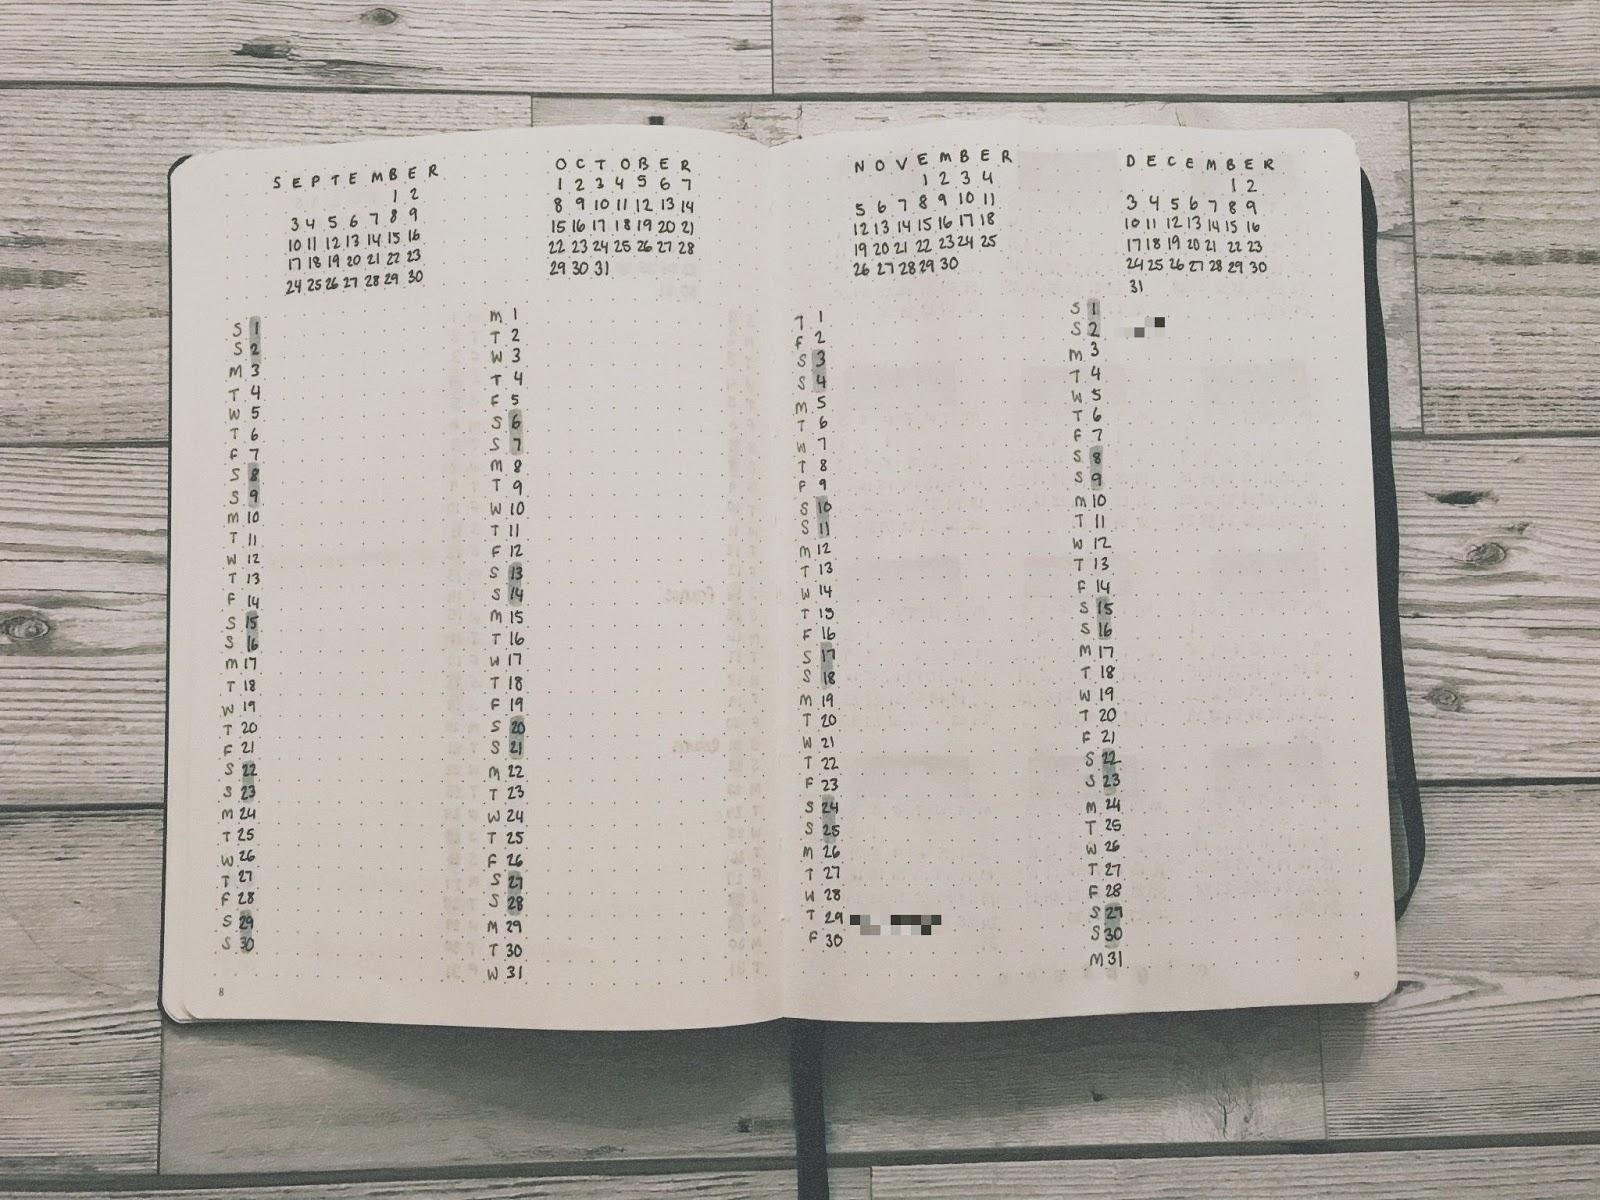 Future log for September - December 2018